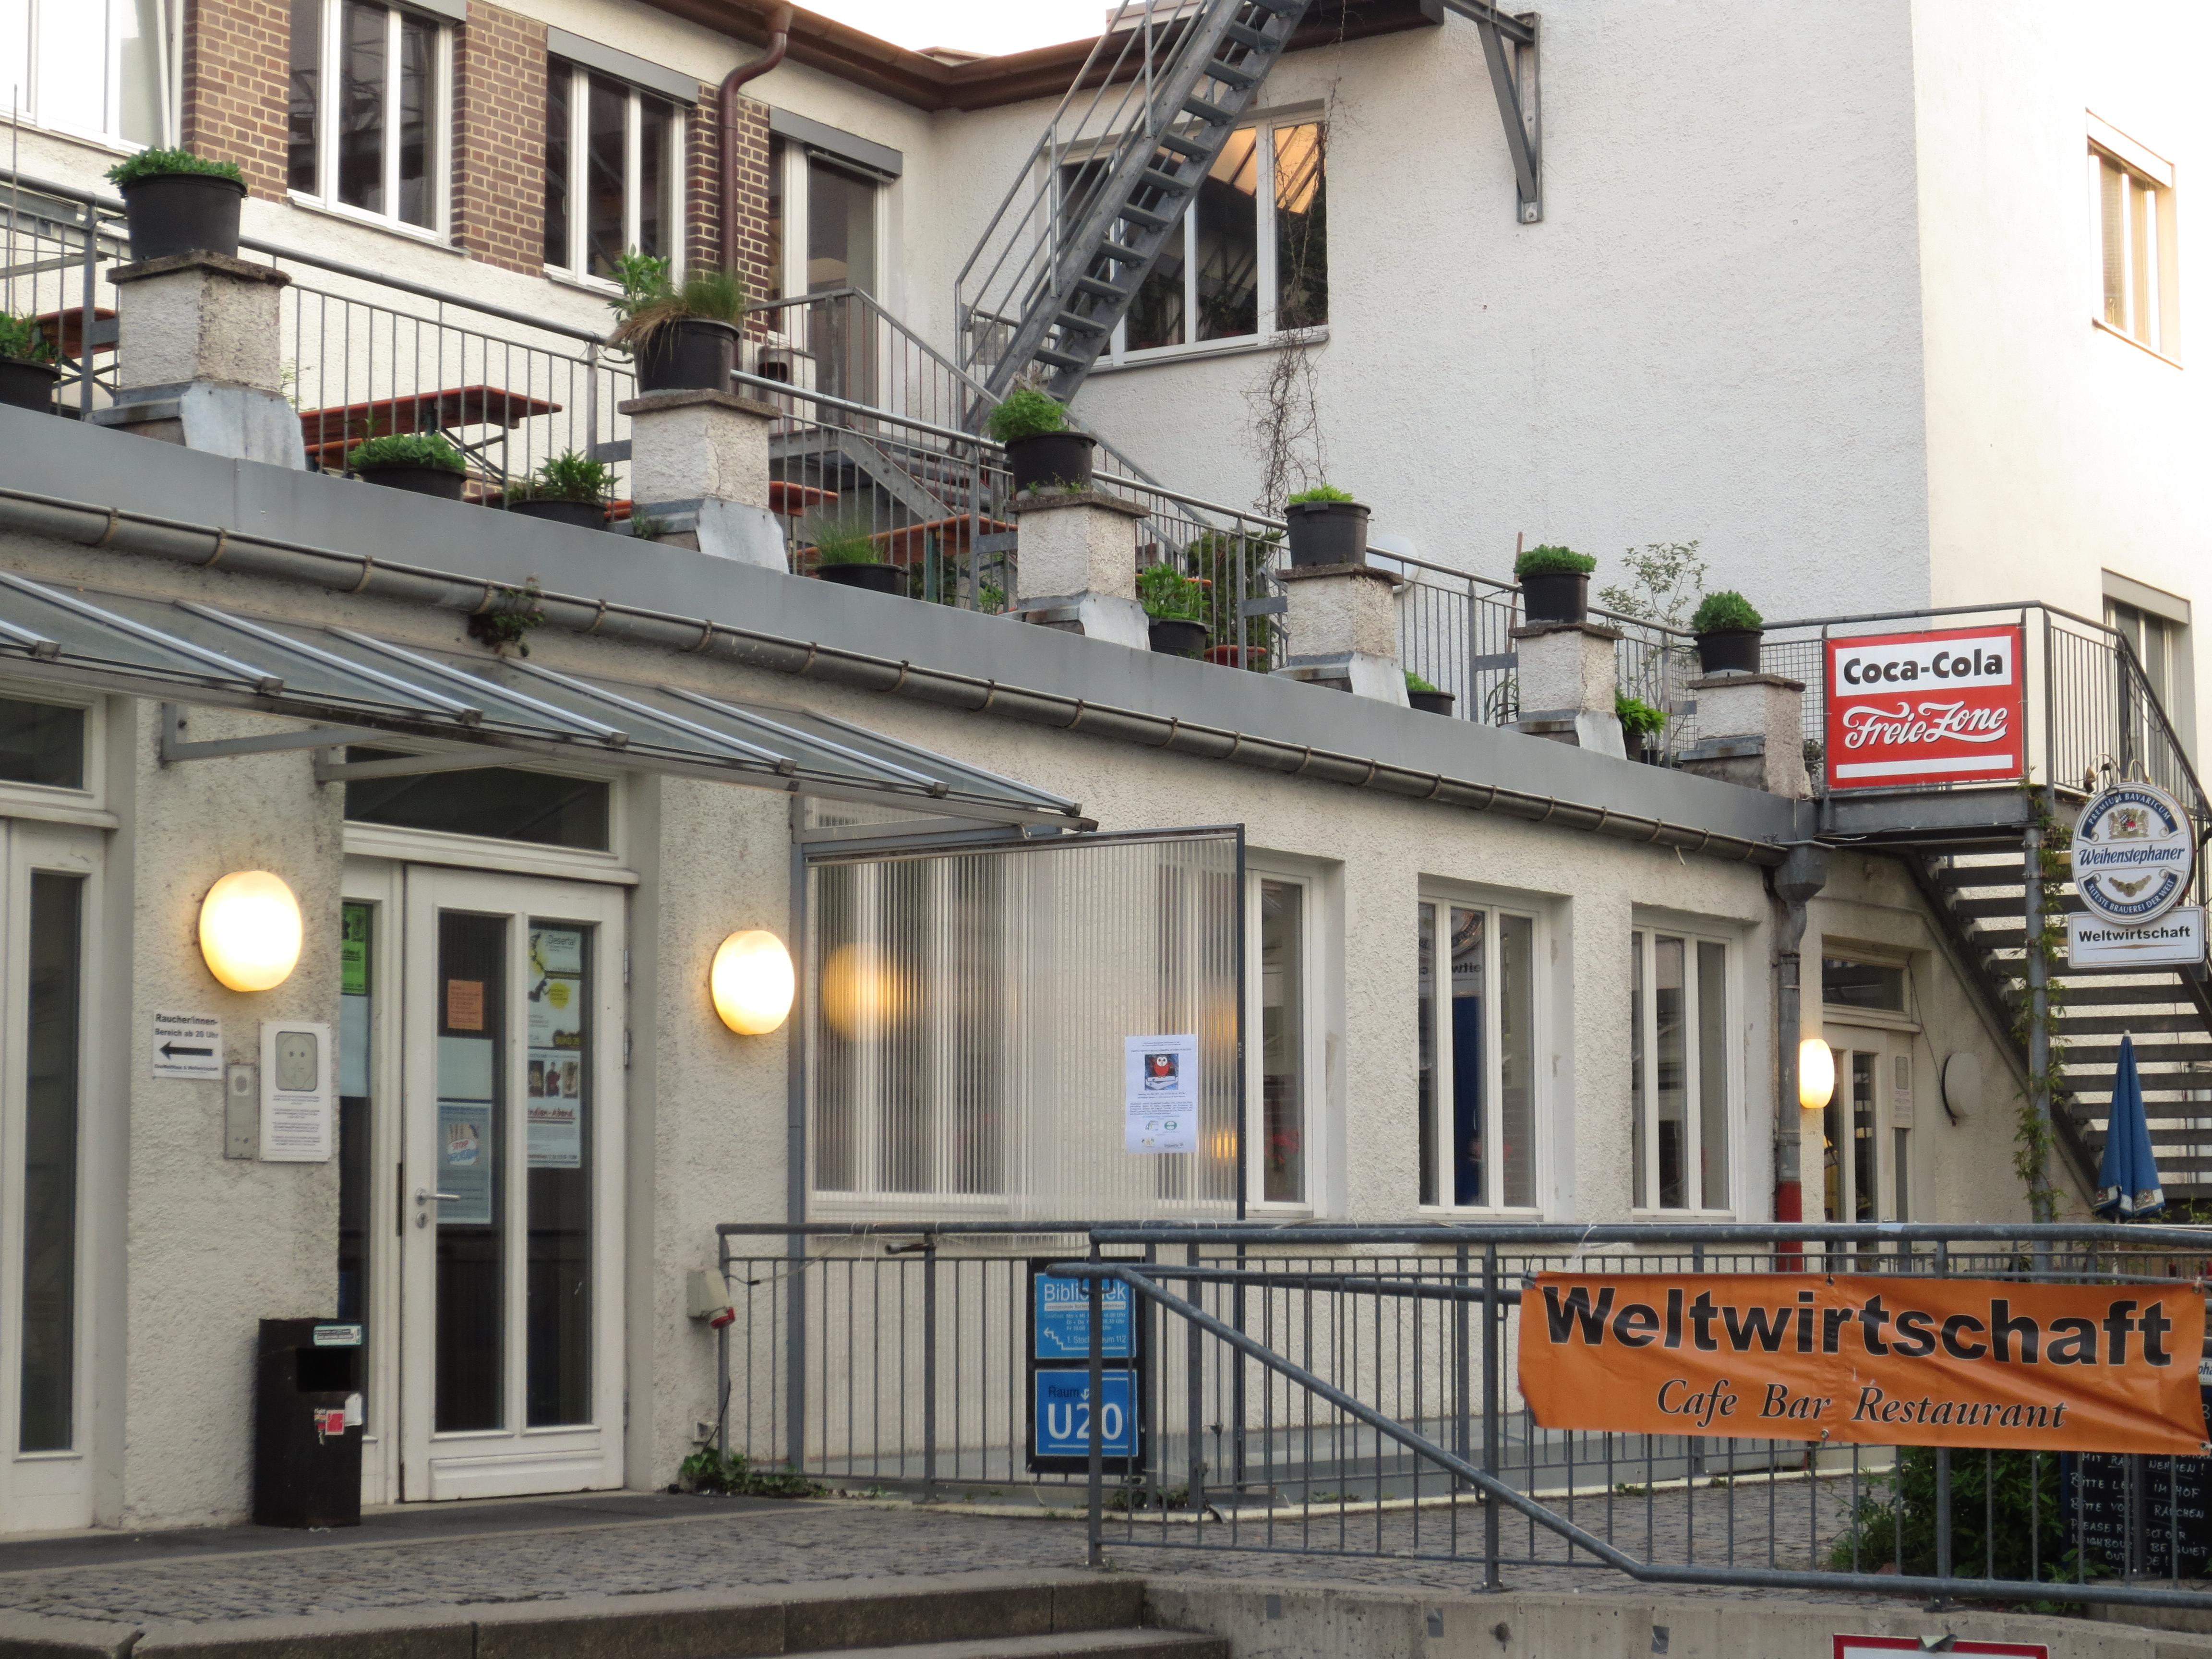 Eine-Welt-Haus (München) – Wikipedia size: 4608 x 3456 post ID: 9 File size: 0 B